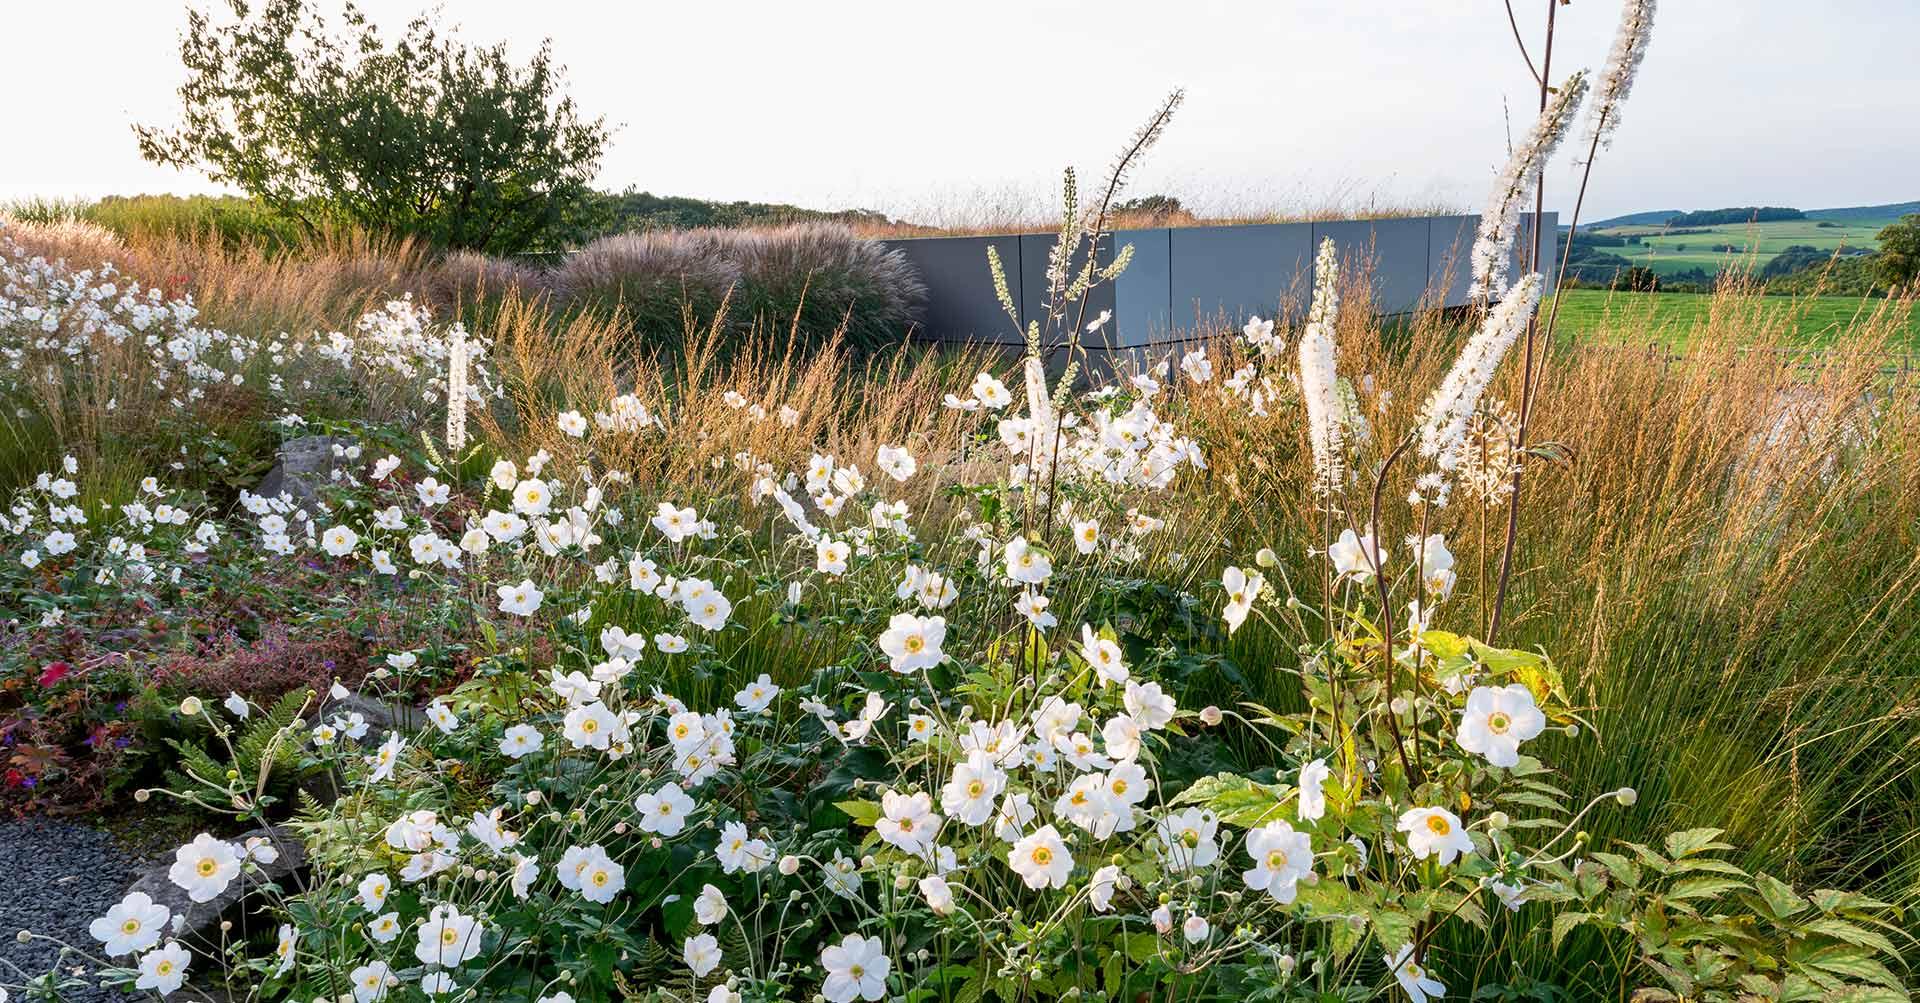 Blick auf zahlreiche Blumen und ins Grüne sowie die Landschaft